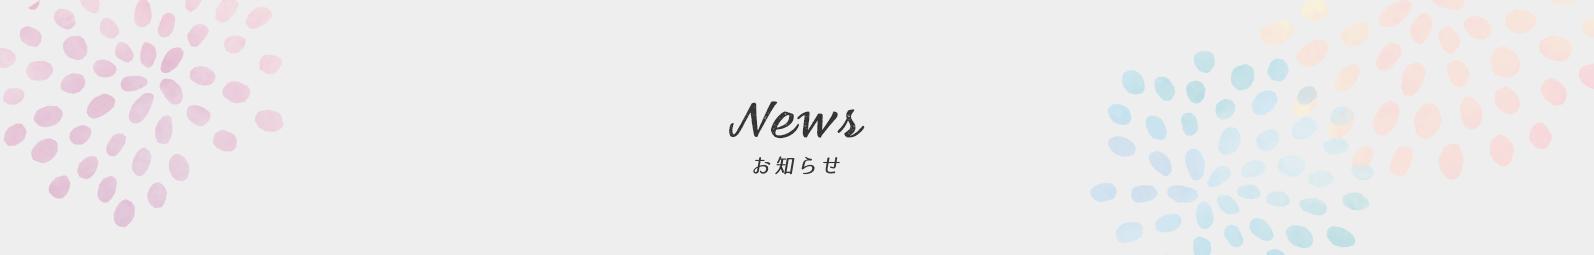 キャンペーン&お知らせ